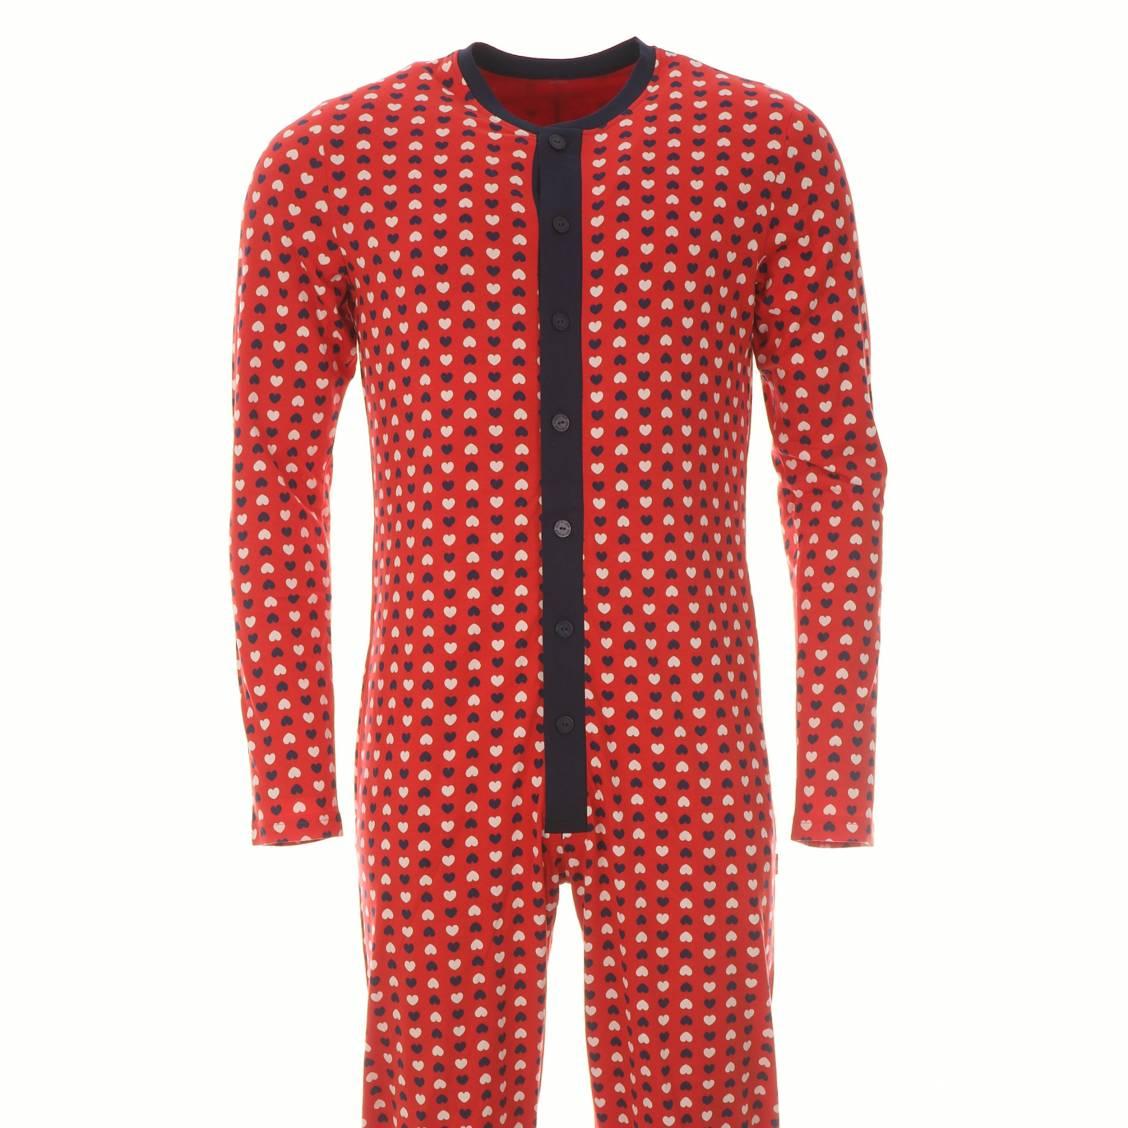 Grenouill re coup de c ur 100 coton rouge motifs c urs bleu marine et beige rue des hommes - Pyjama homme marque coup de coeur ...